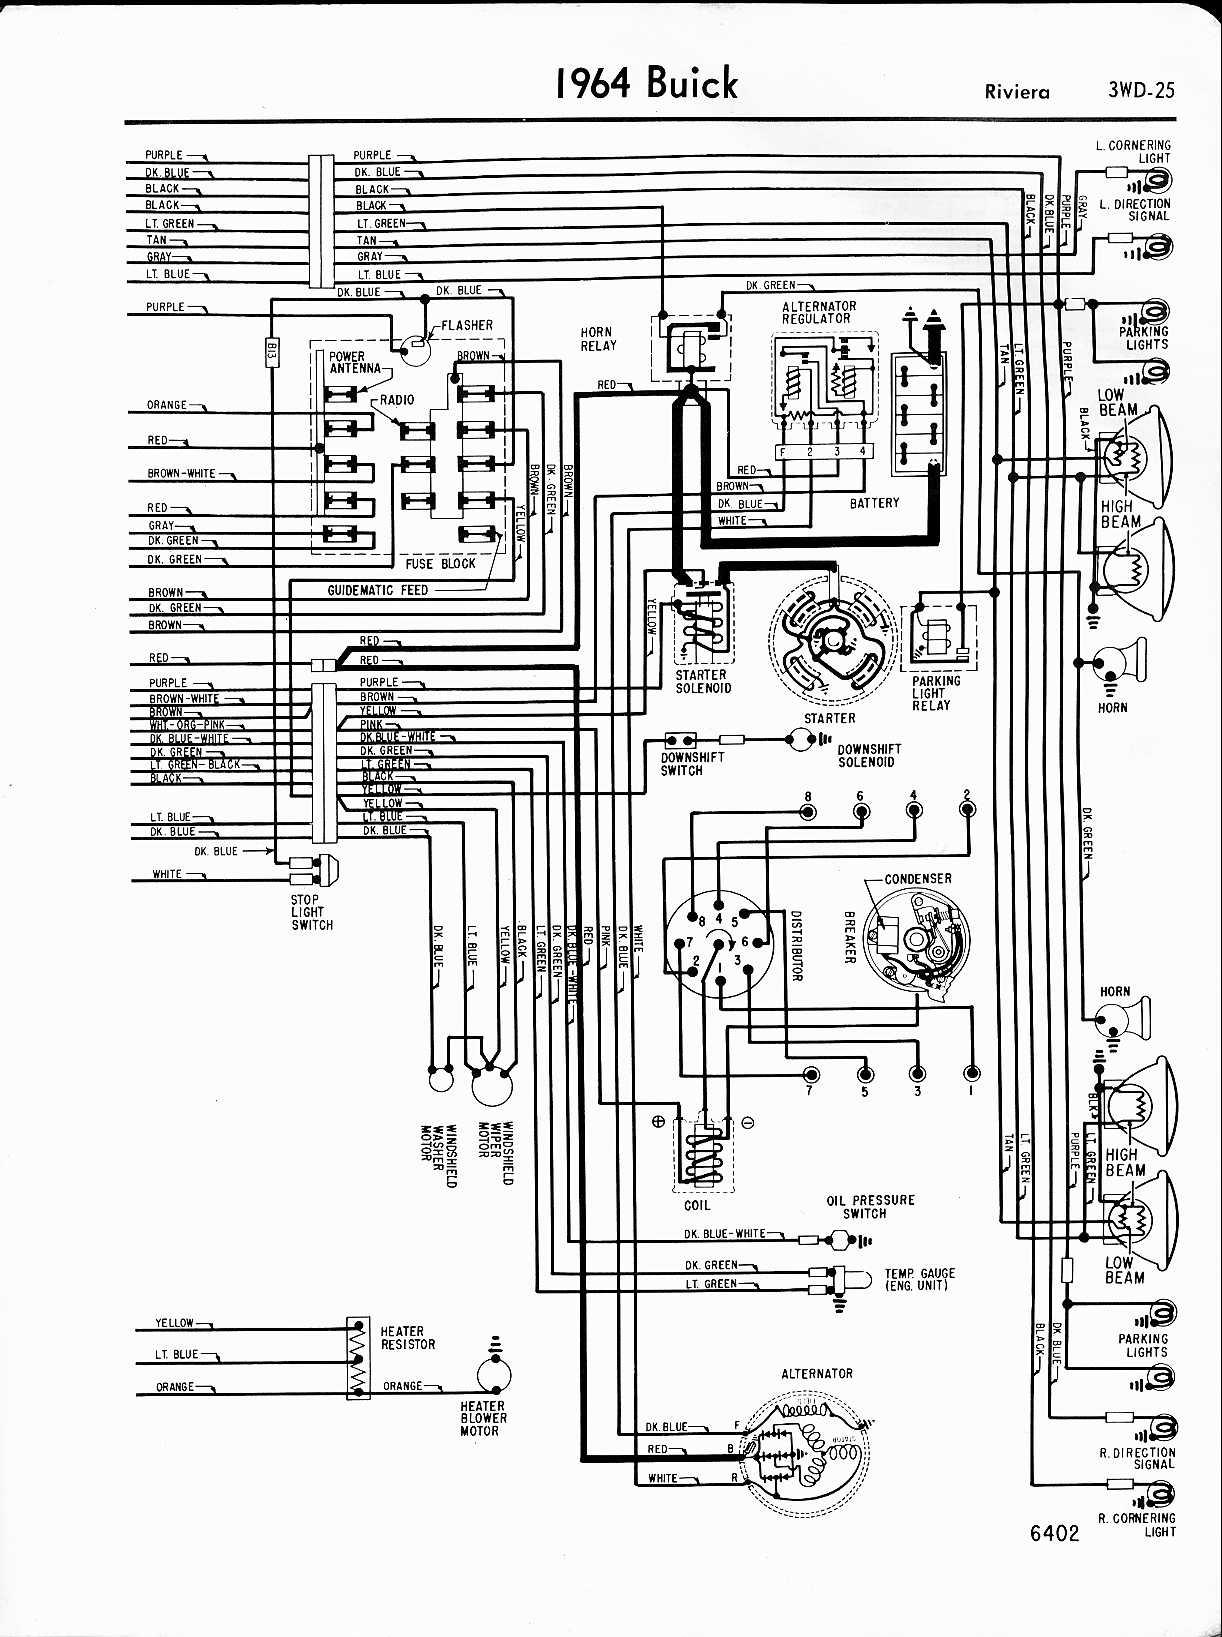 [ZHKZ_3066]  BX_7077] Buick Riviera Wiring Diagram Likewise Buick Riviera Wiring Diagram  As Free Diagram | 1966 Buick Riviera Wiring Diagram |  | Bedr Isra Mohammedshrine Librar Wiring 101